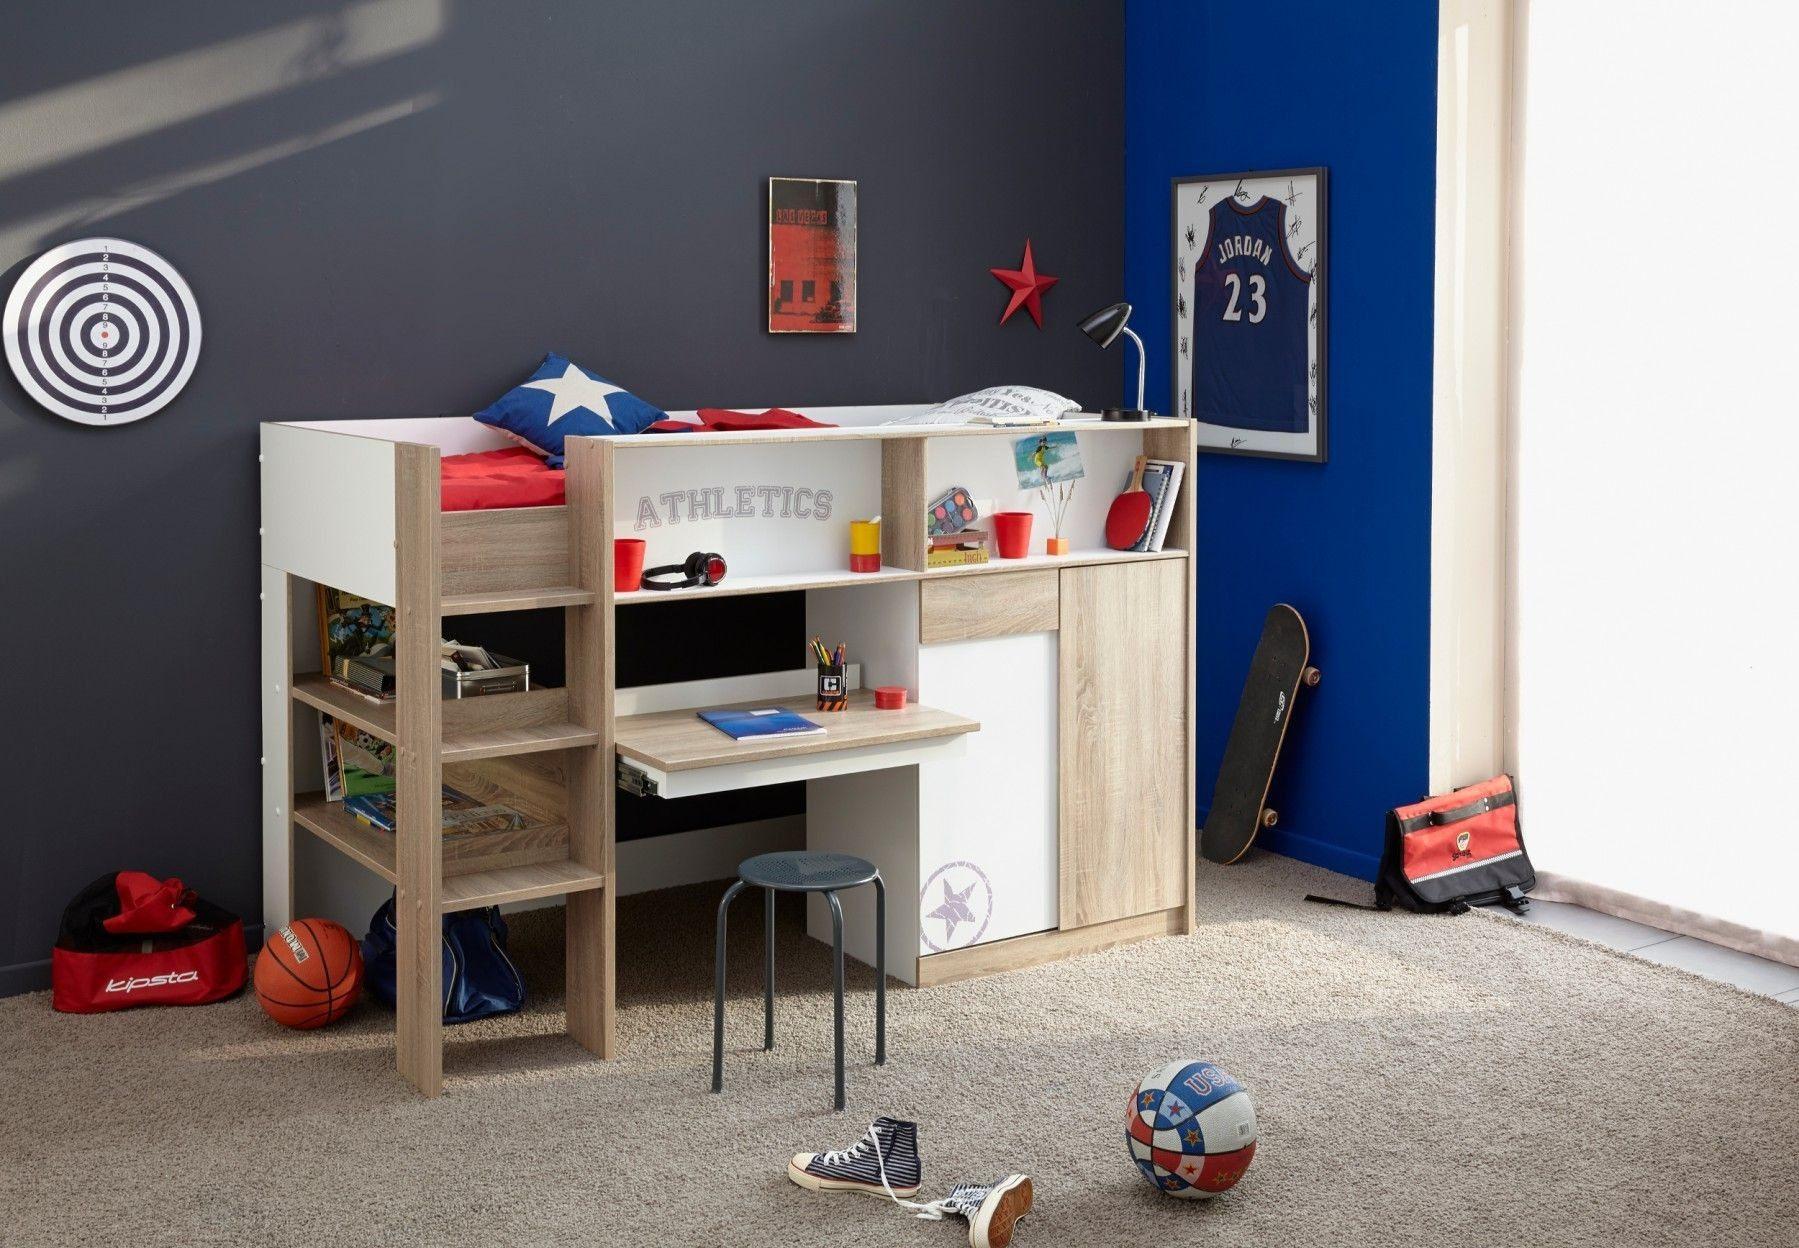 Lit Superposé Deux Places Bel Séduisant Chambre Enfant Lit Superposé Ou Lit Biné Armoire Fresh Lit